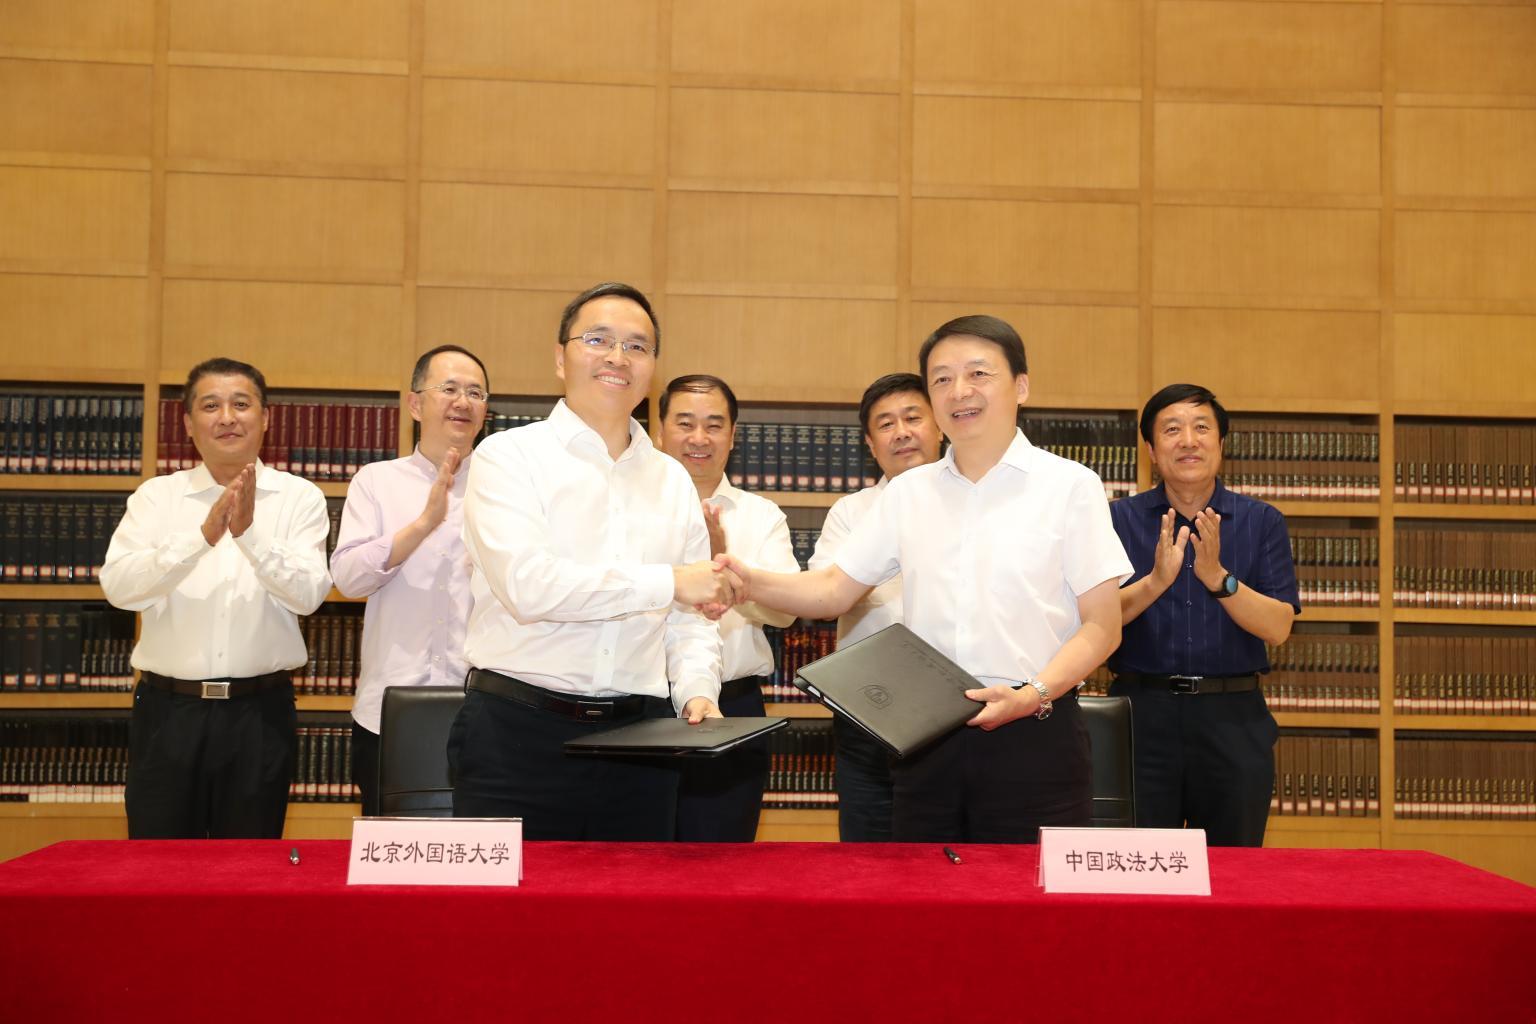 中国政法大学与北京外国语大学展开涉外法治人才本硕贯通培养合作